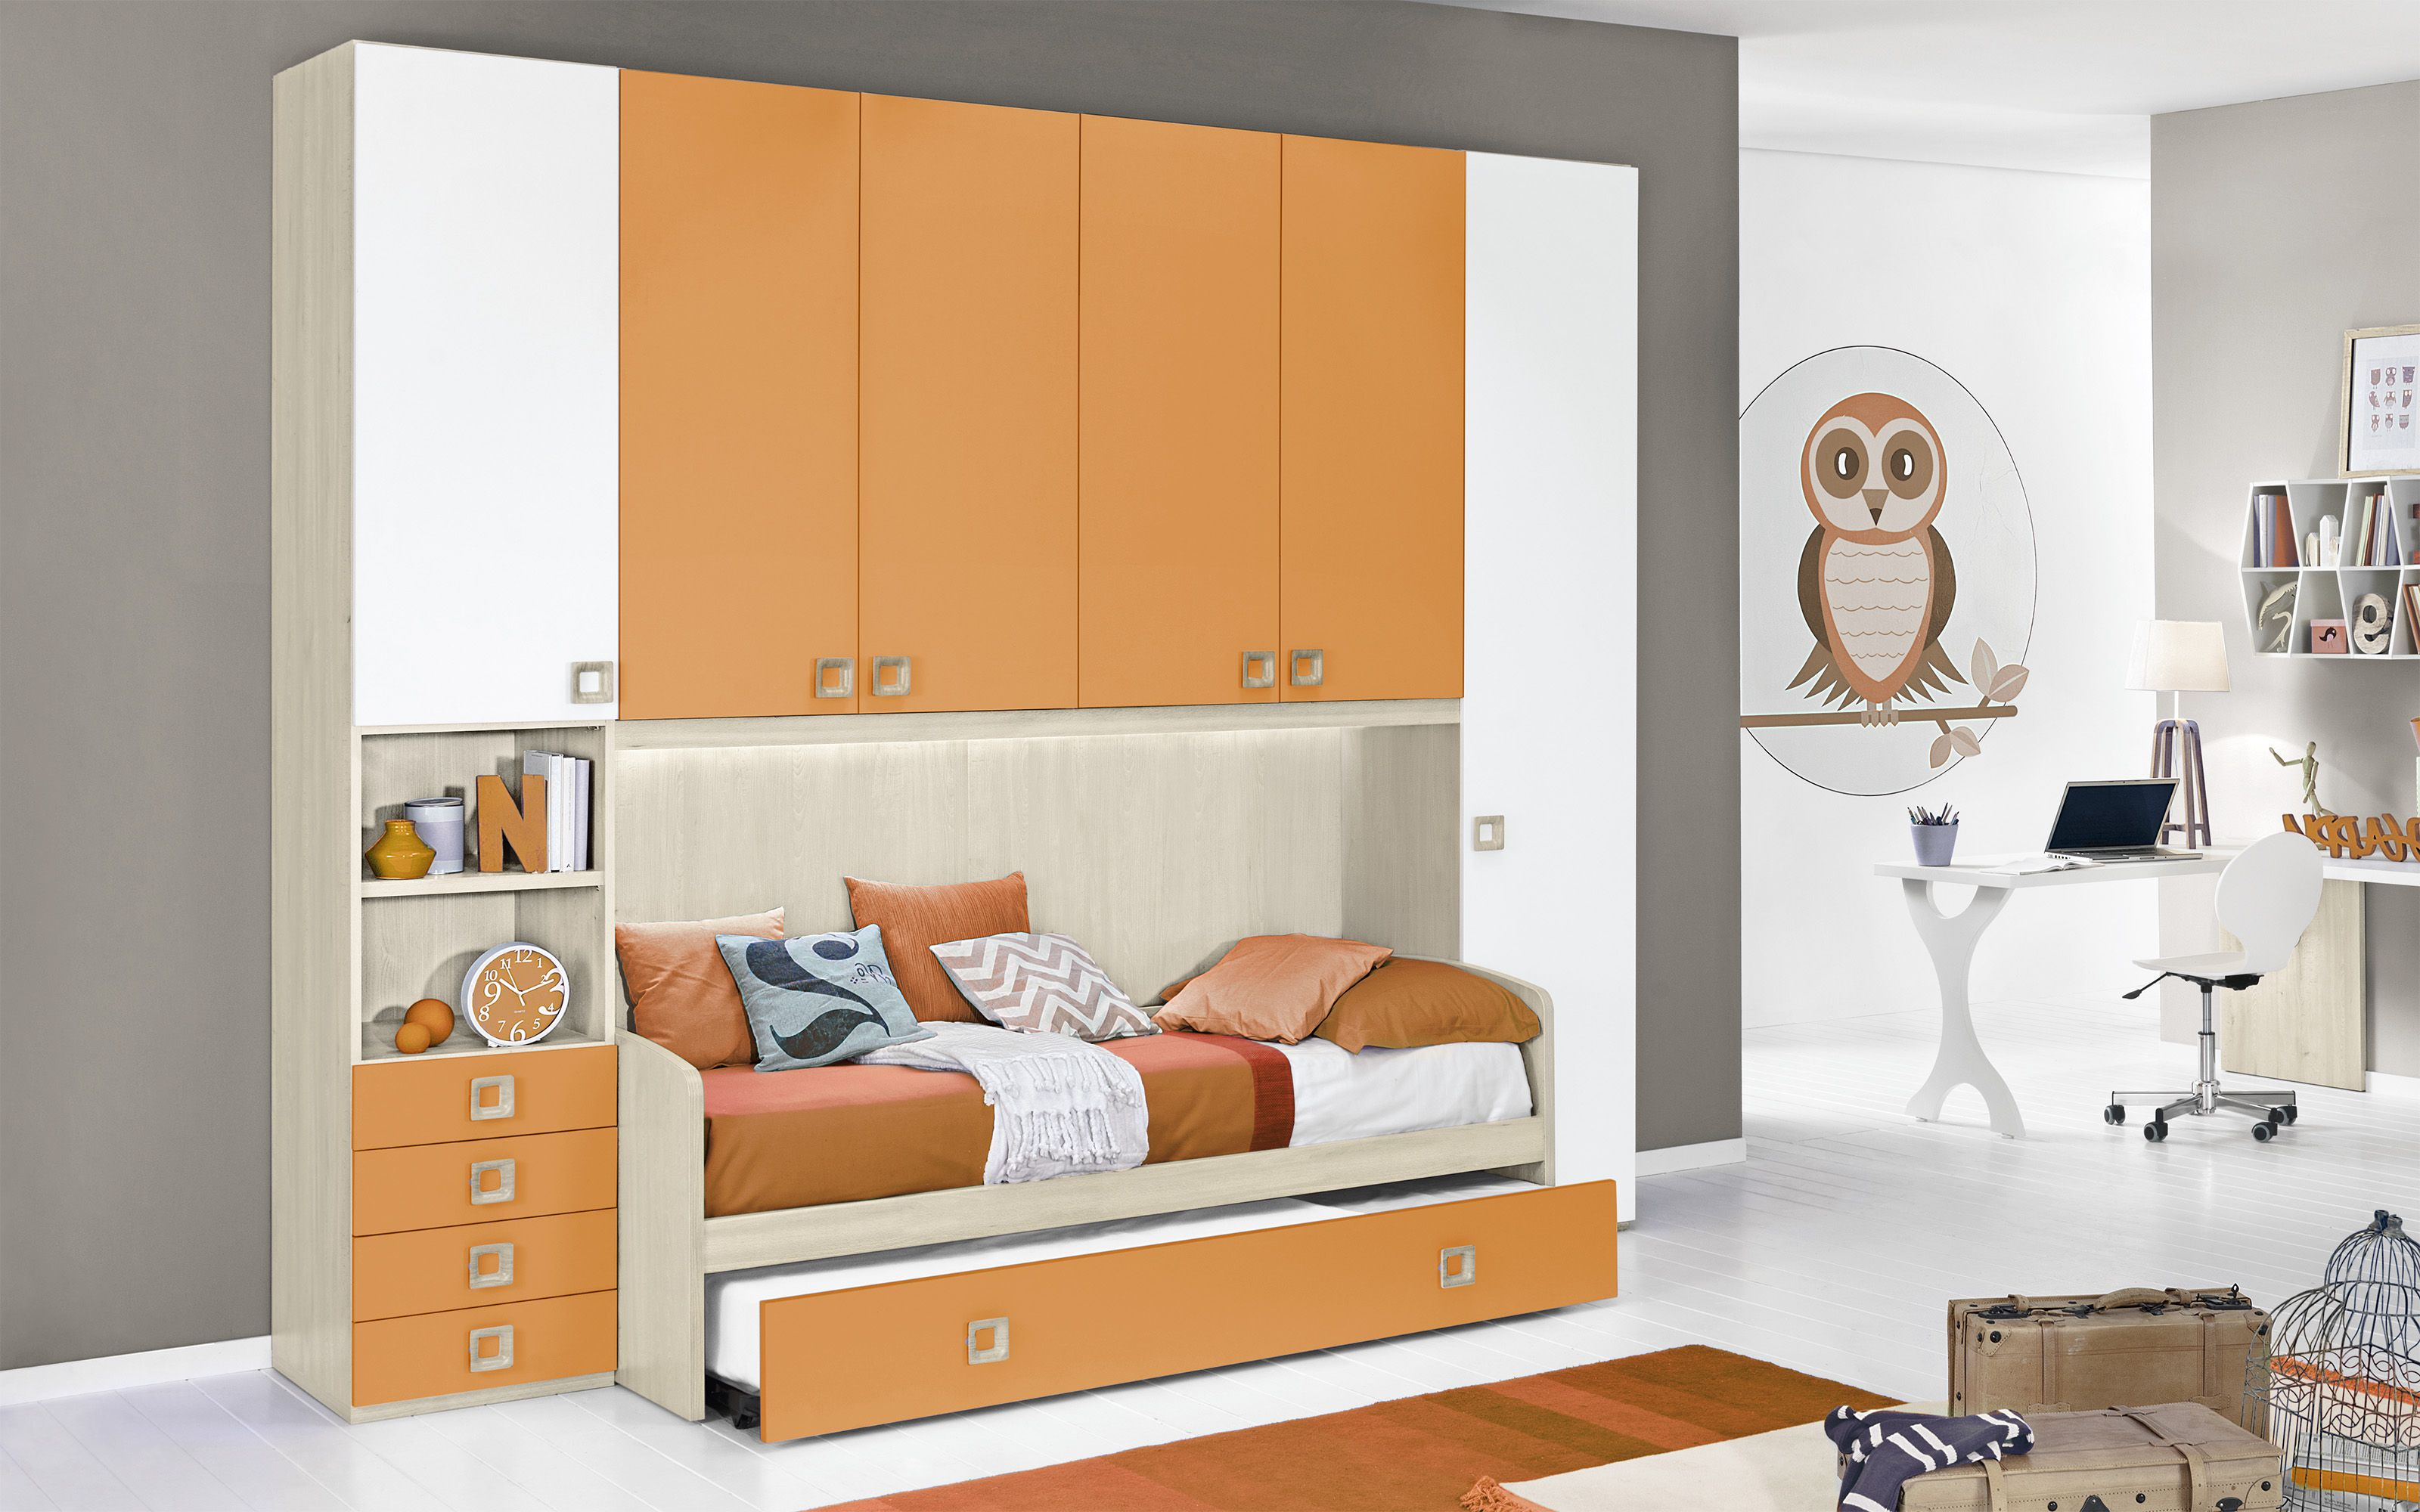 Cameretta Completa a ponte - Effetto betulla, bianco, mandarino (Doppio  letto singolo e armadio) (cm. 300 x 96 x 259h)